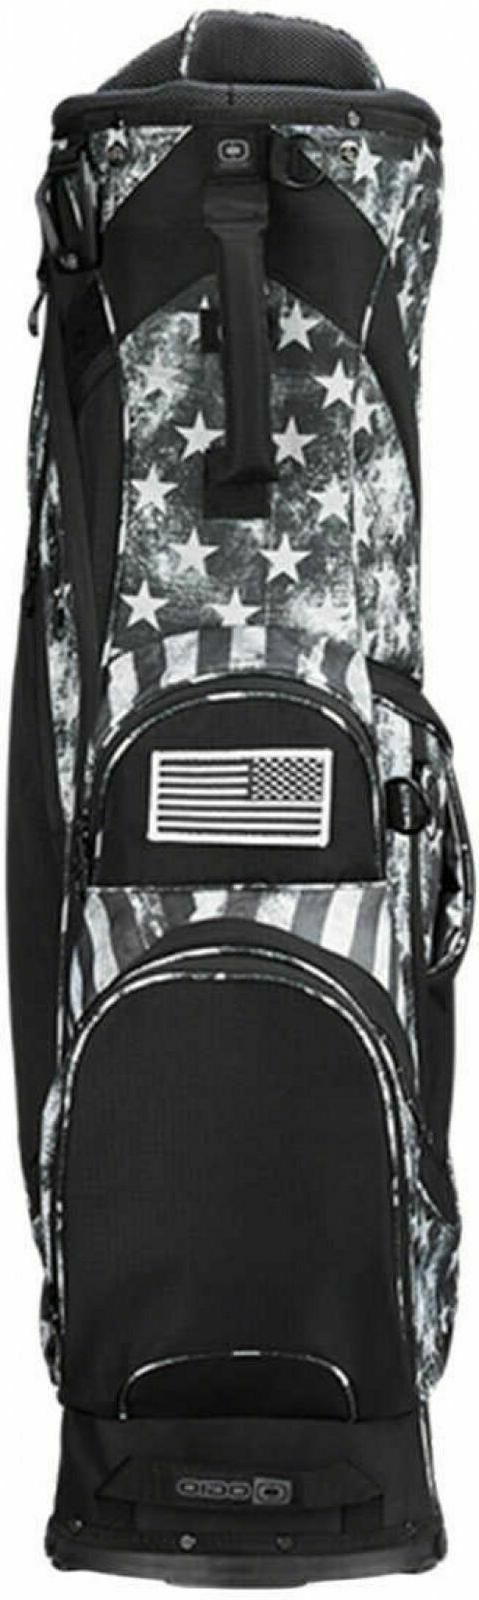 international ops stand bag black